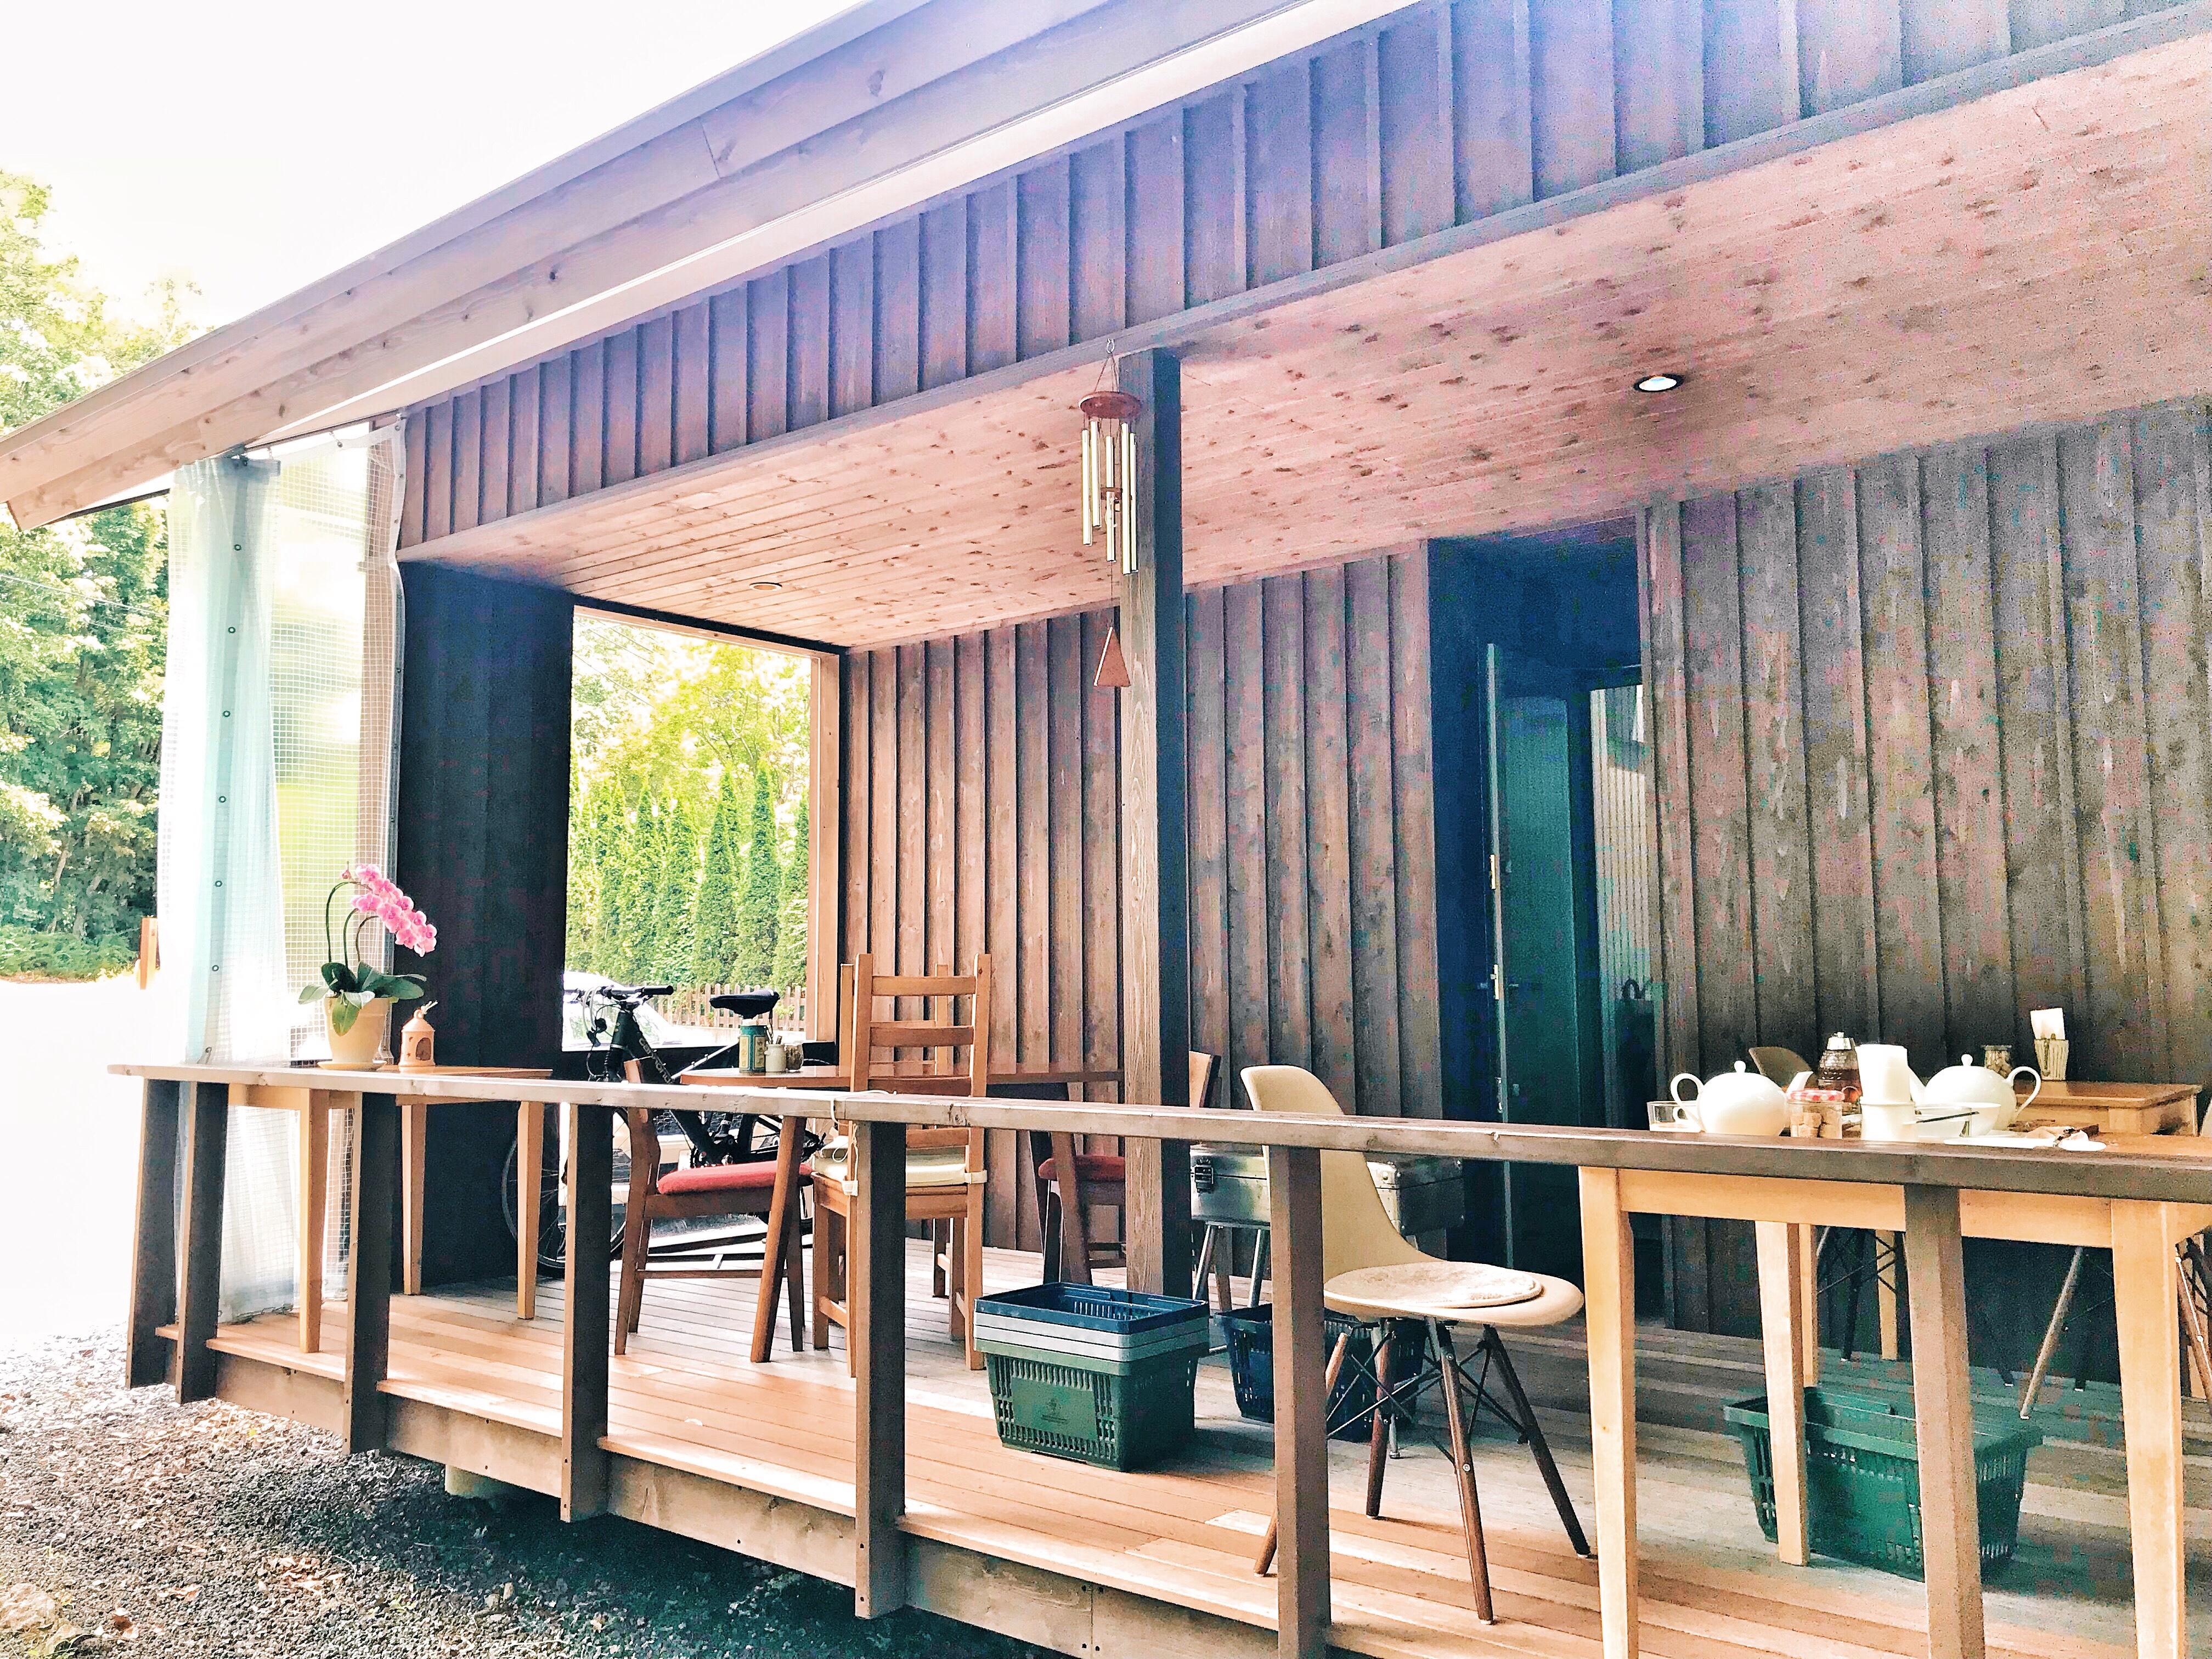 2e08a8df a774 469f 9feb c0d0a93a9d2b - Cafe Forest Vale - また訪れたい 愛犬と過ごせる軽井沢の緑に囲まれたカフェ